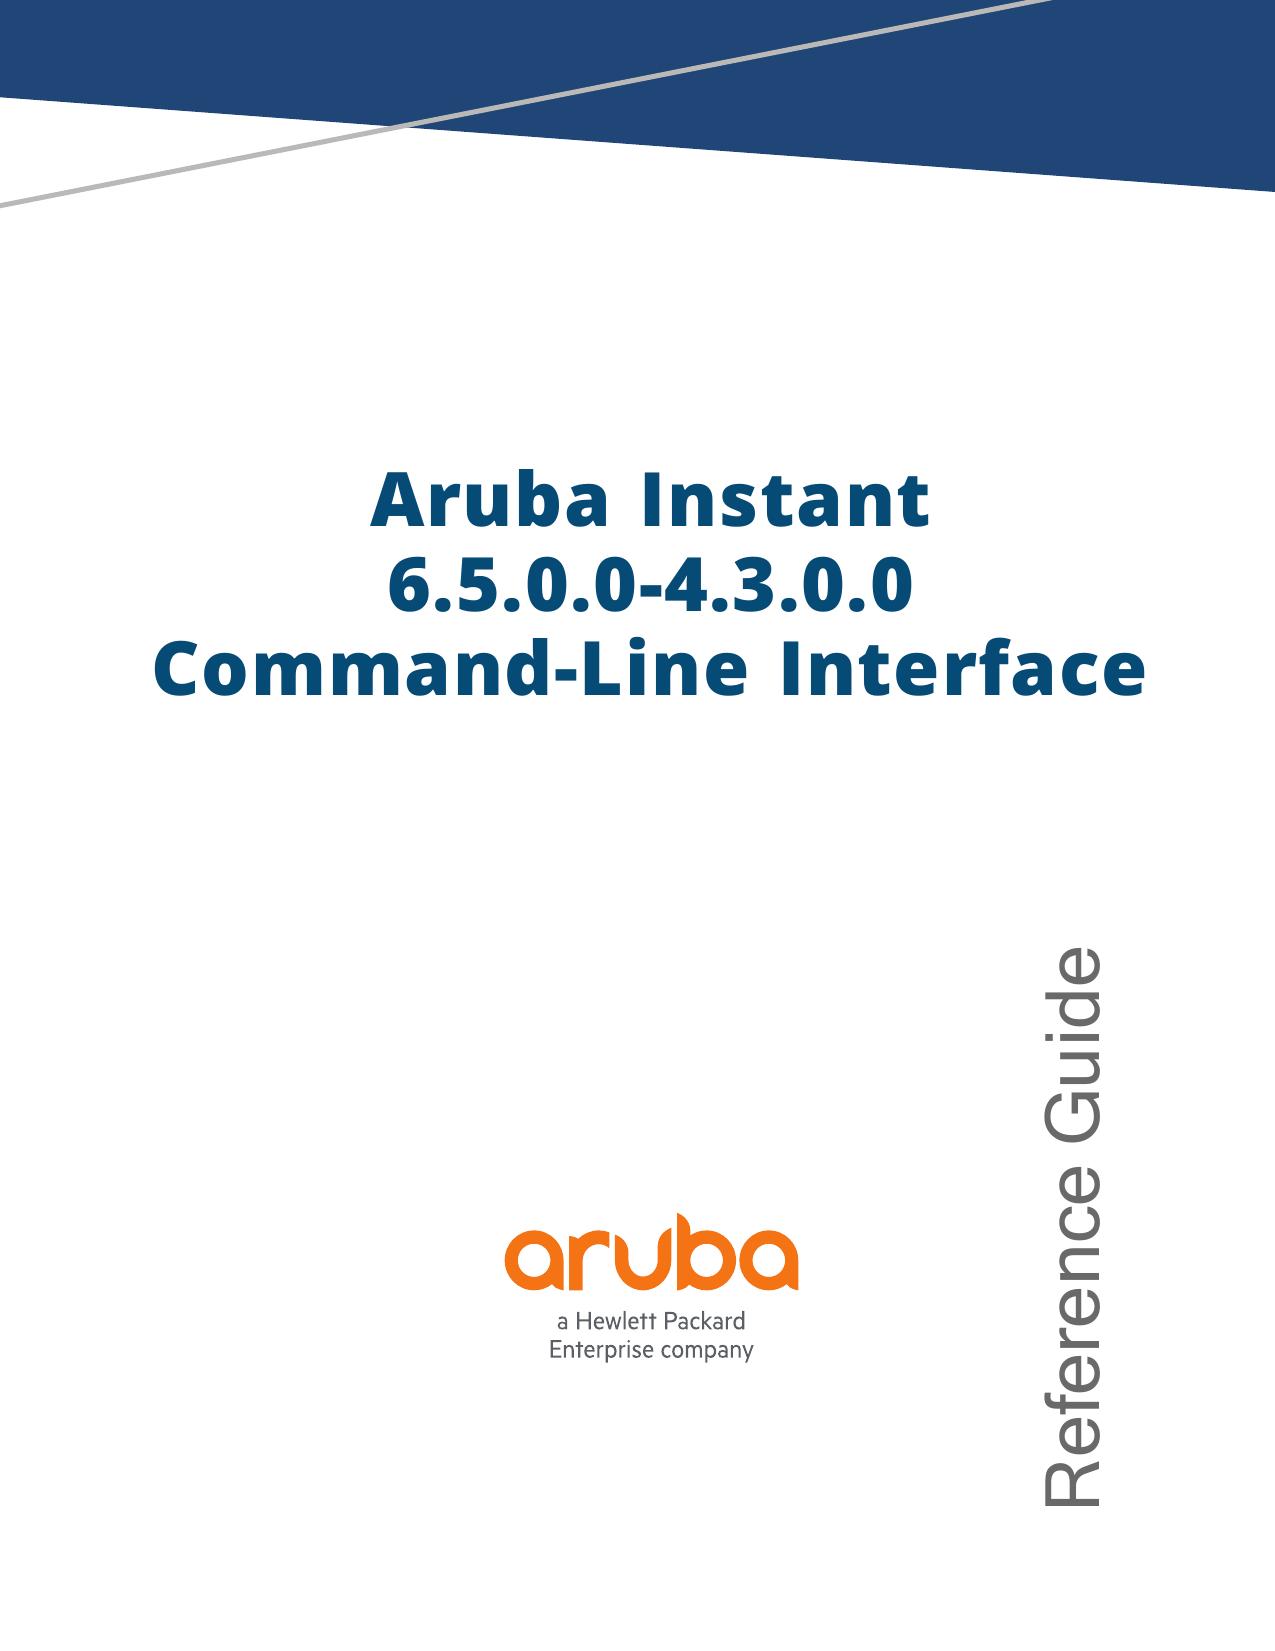 Aruba Instant 6 5 0 0-4 3 0 0 CLI Reference Guide | manualzz com